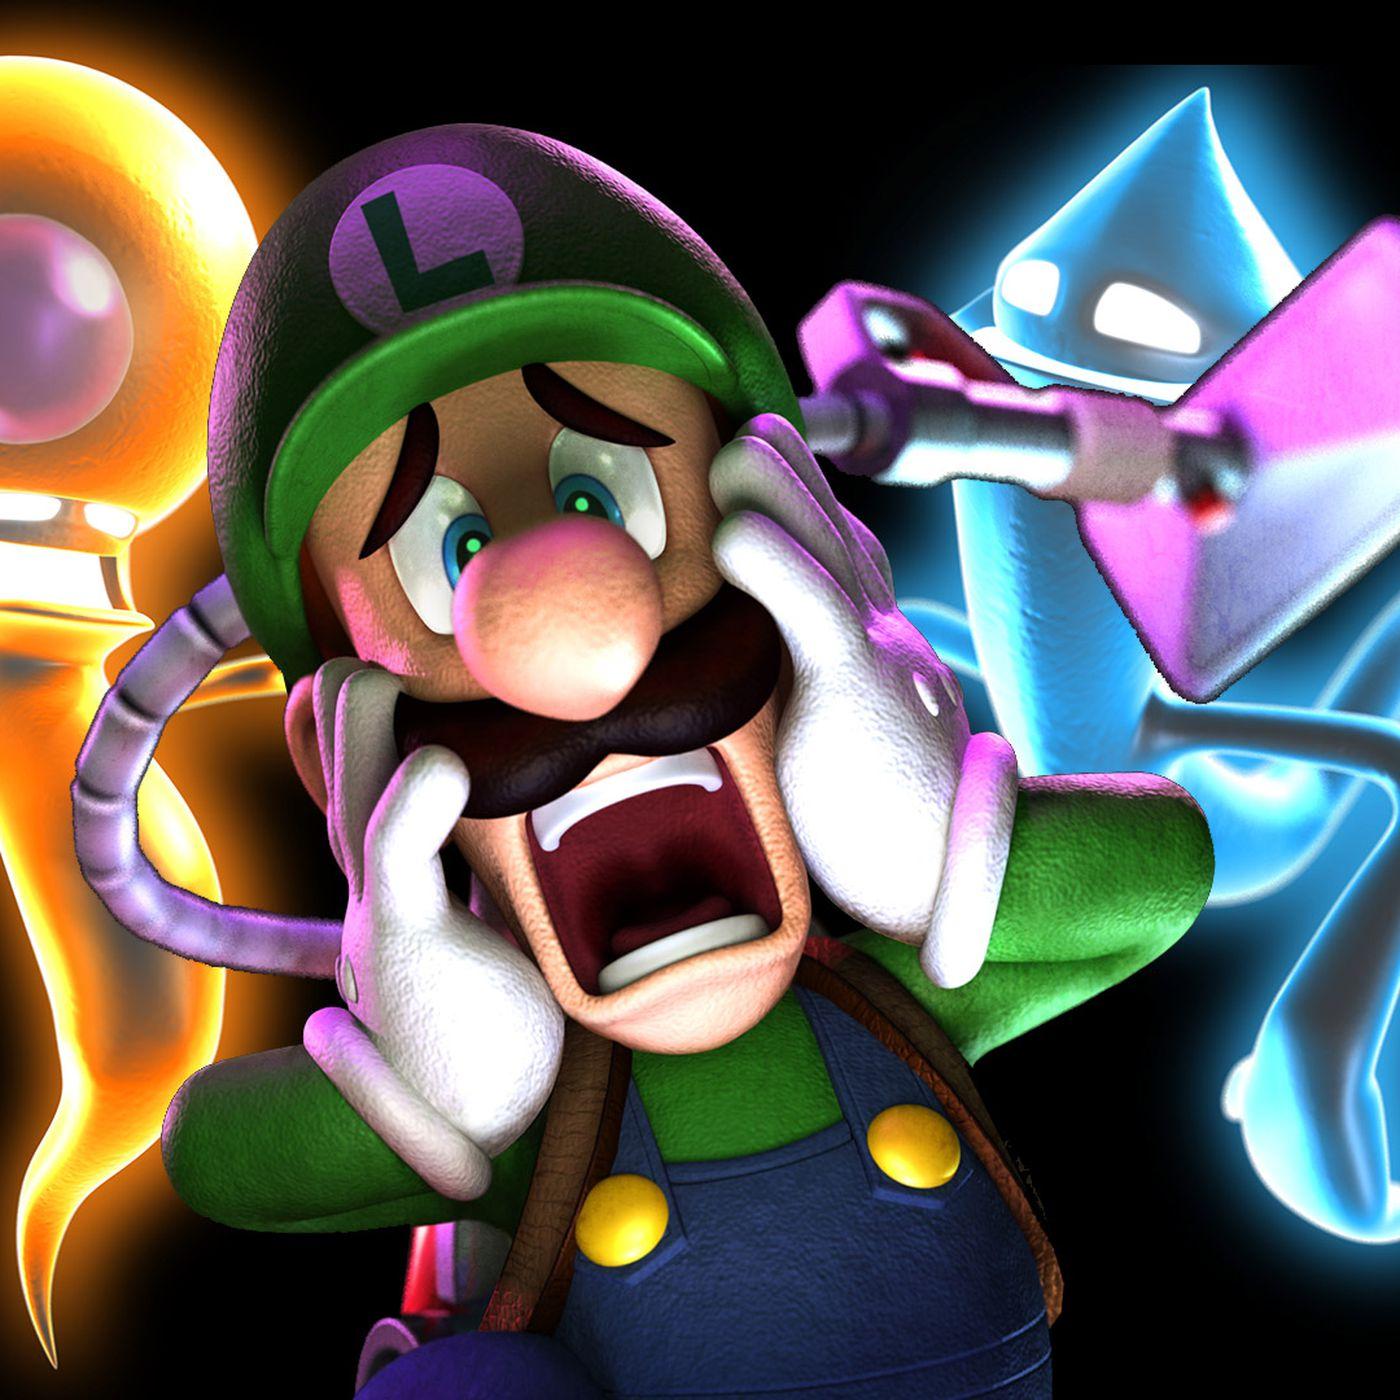 Super Mario Odyssey leaves poor Luigi behind - Polygon